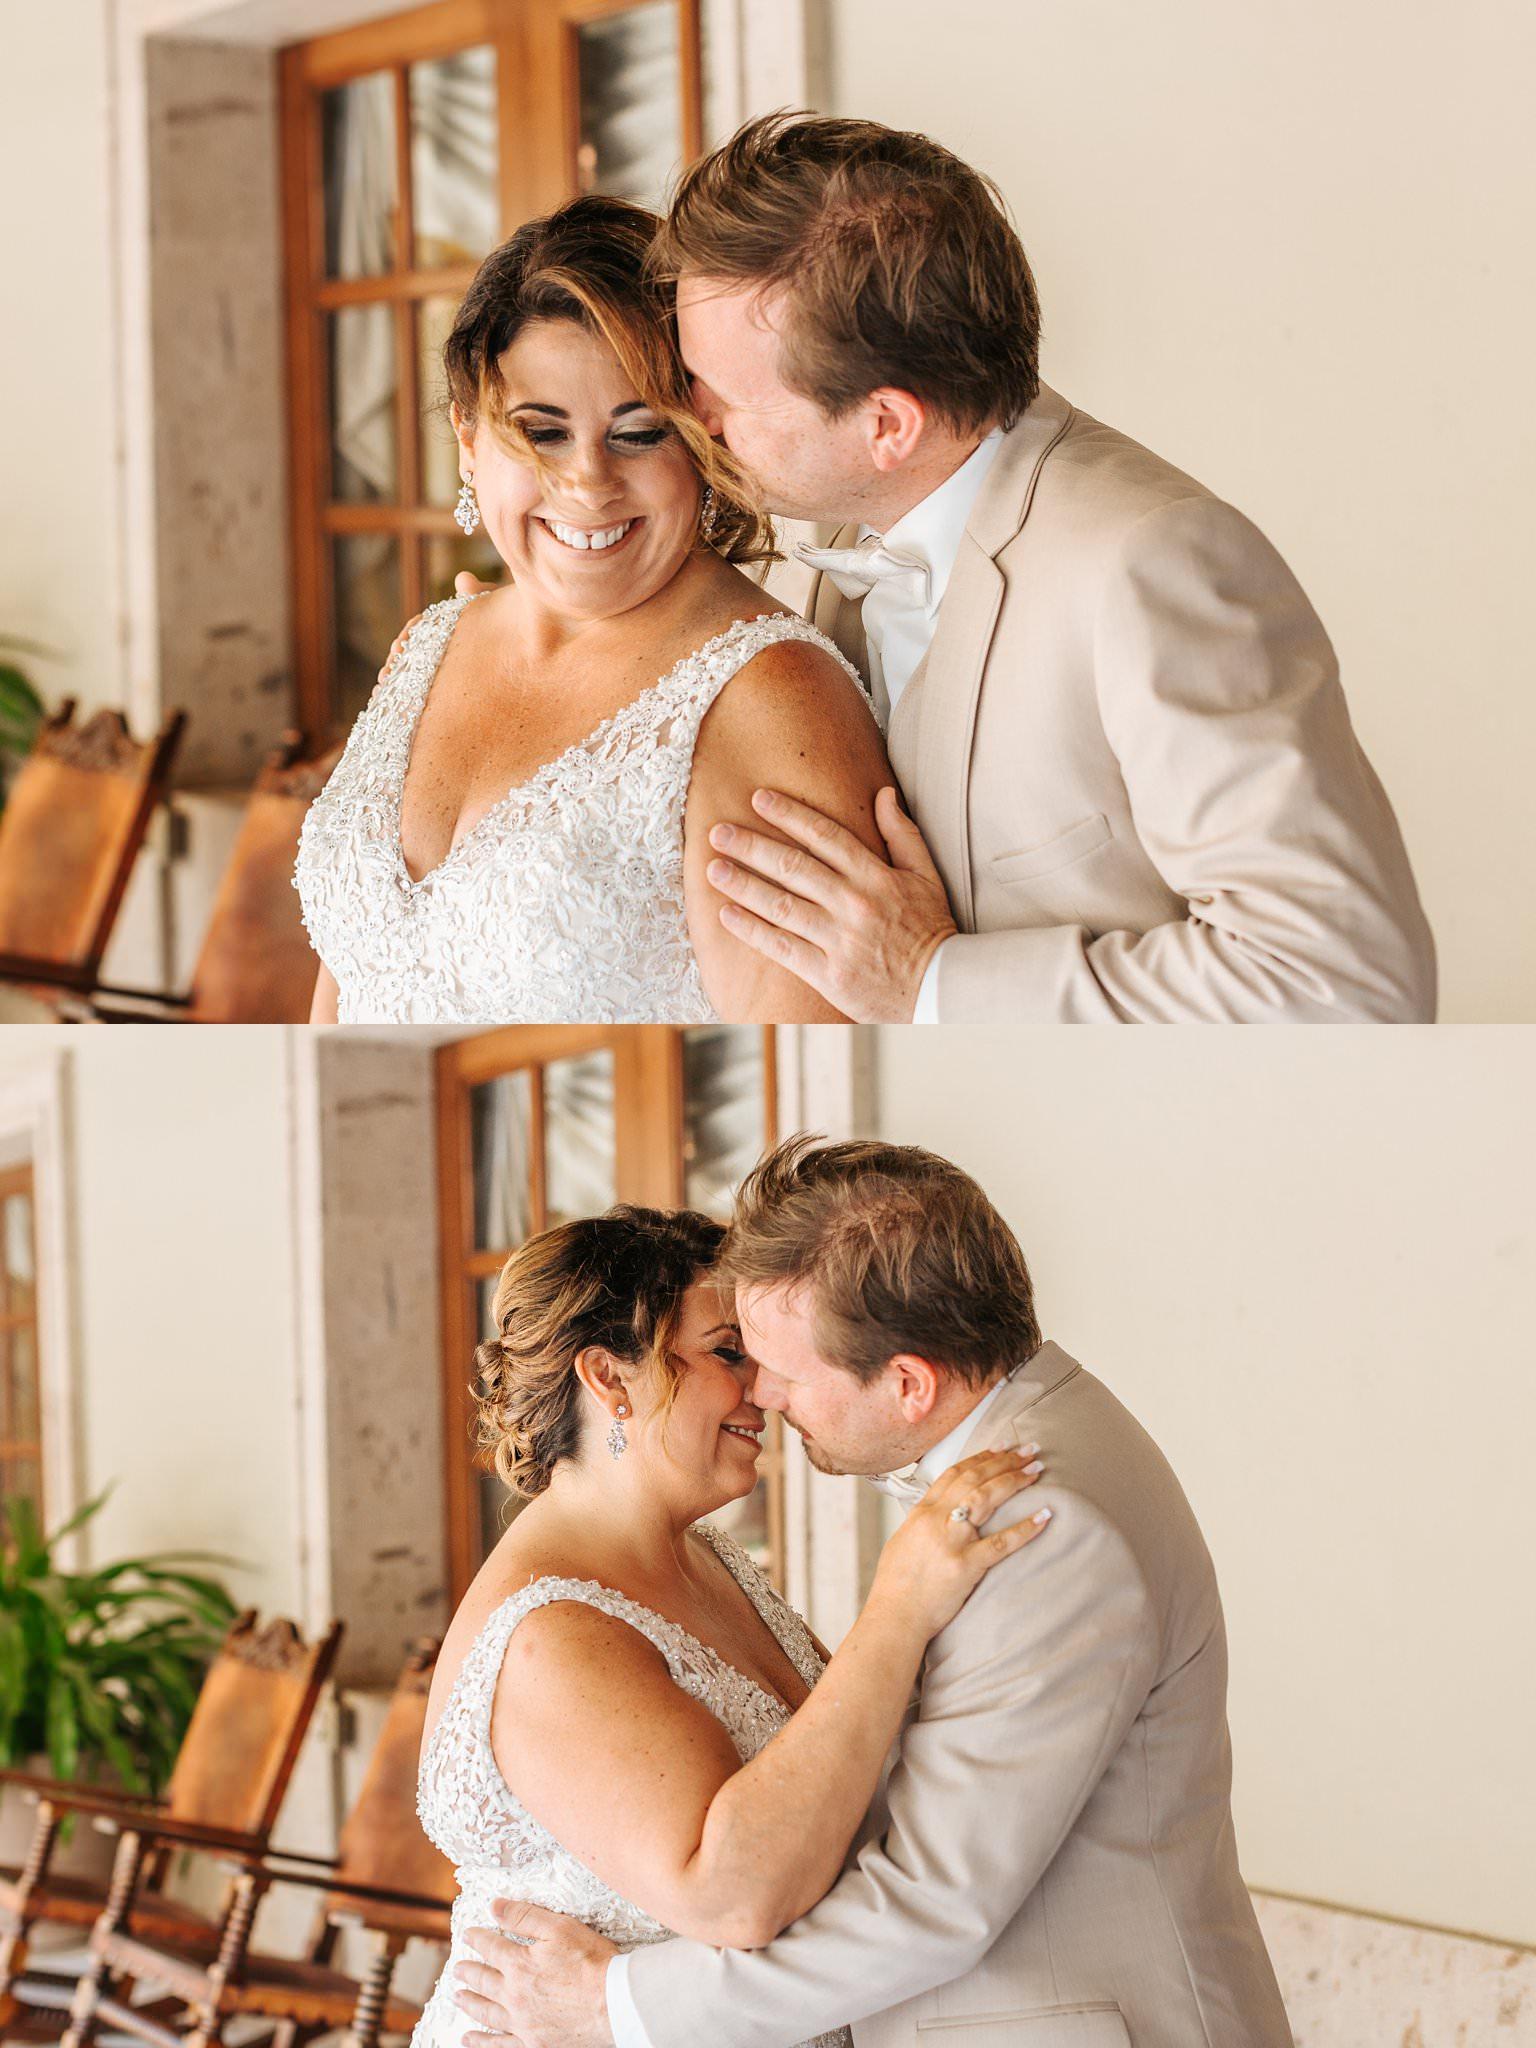 Cabo Resort Wedding - Pueblo Bonito Resort Wedding in Cabo, Mexico - https://brittneyhannonphotography.com